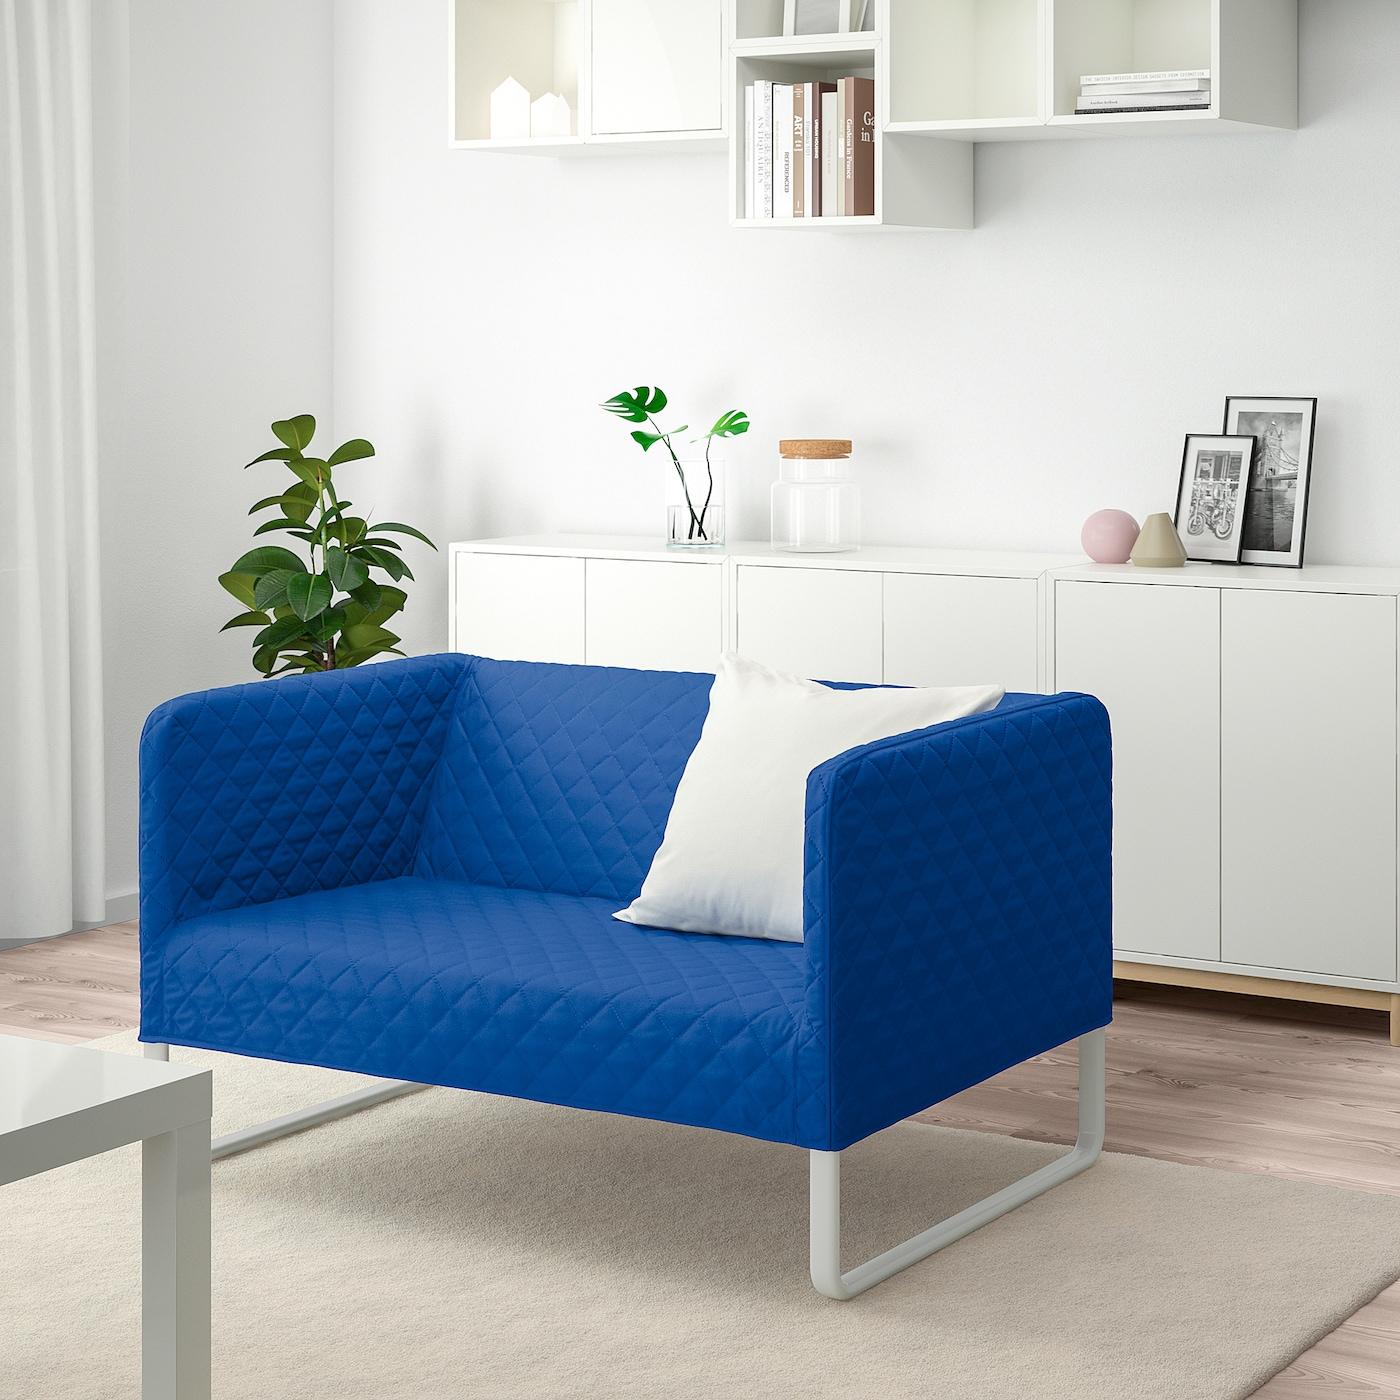 KNOPPARP 2er-Sofa Knisa leuchtend blau 119 cm 76 cm 69 cm 21 cm 69 cm 108 cm 54 cm 39 cm